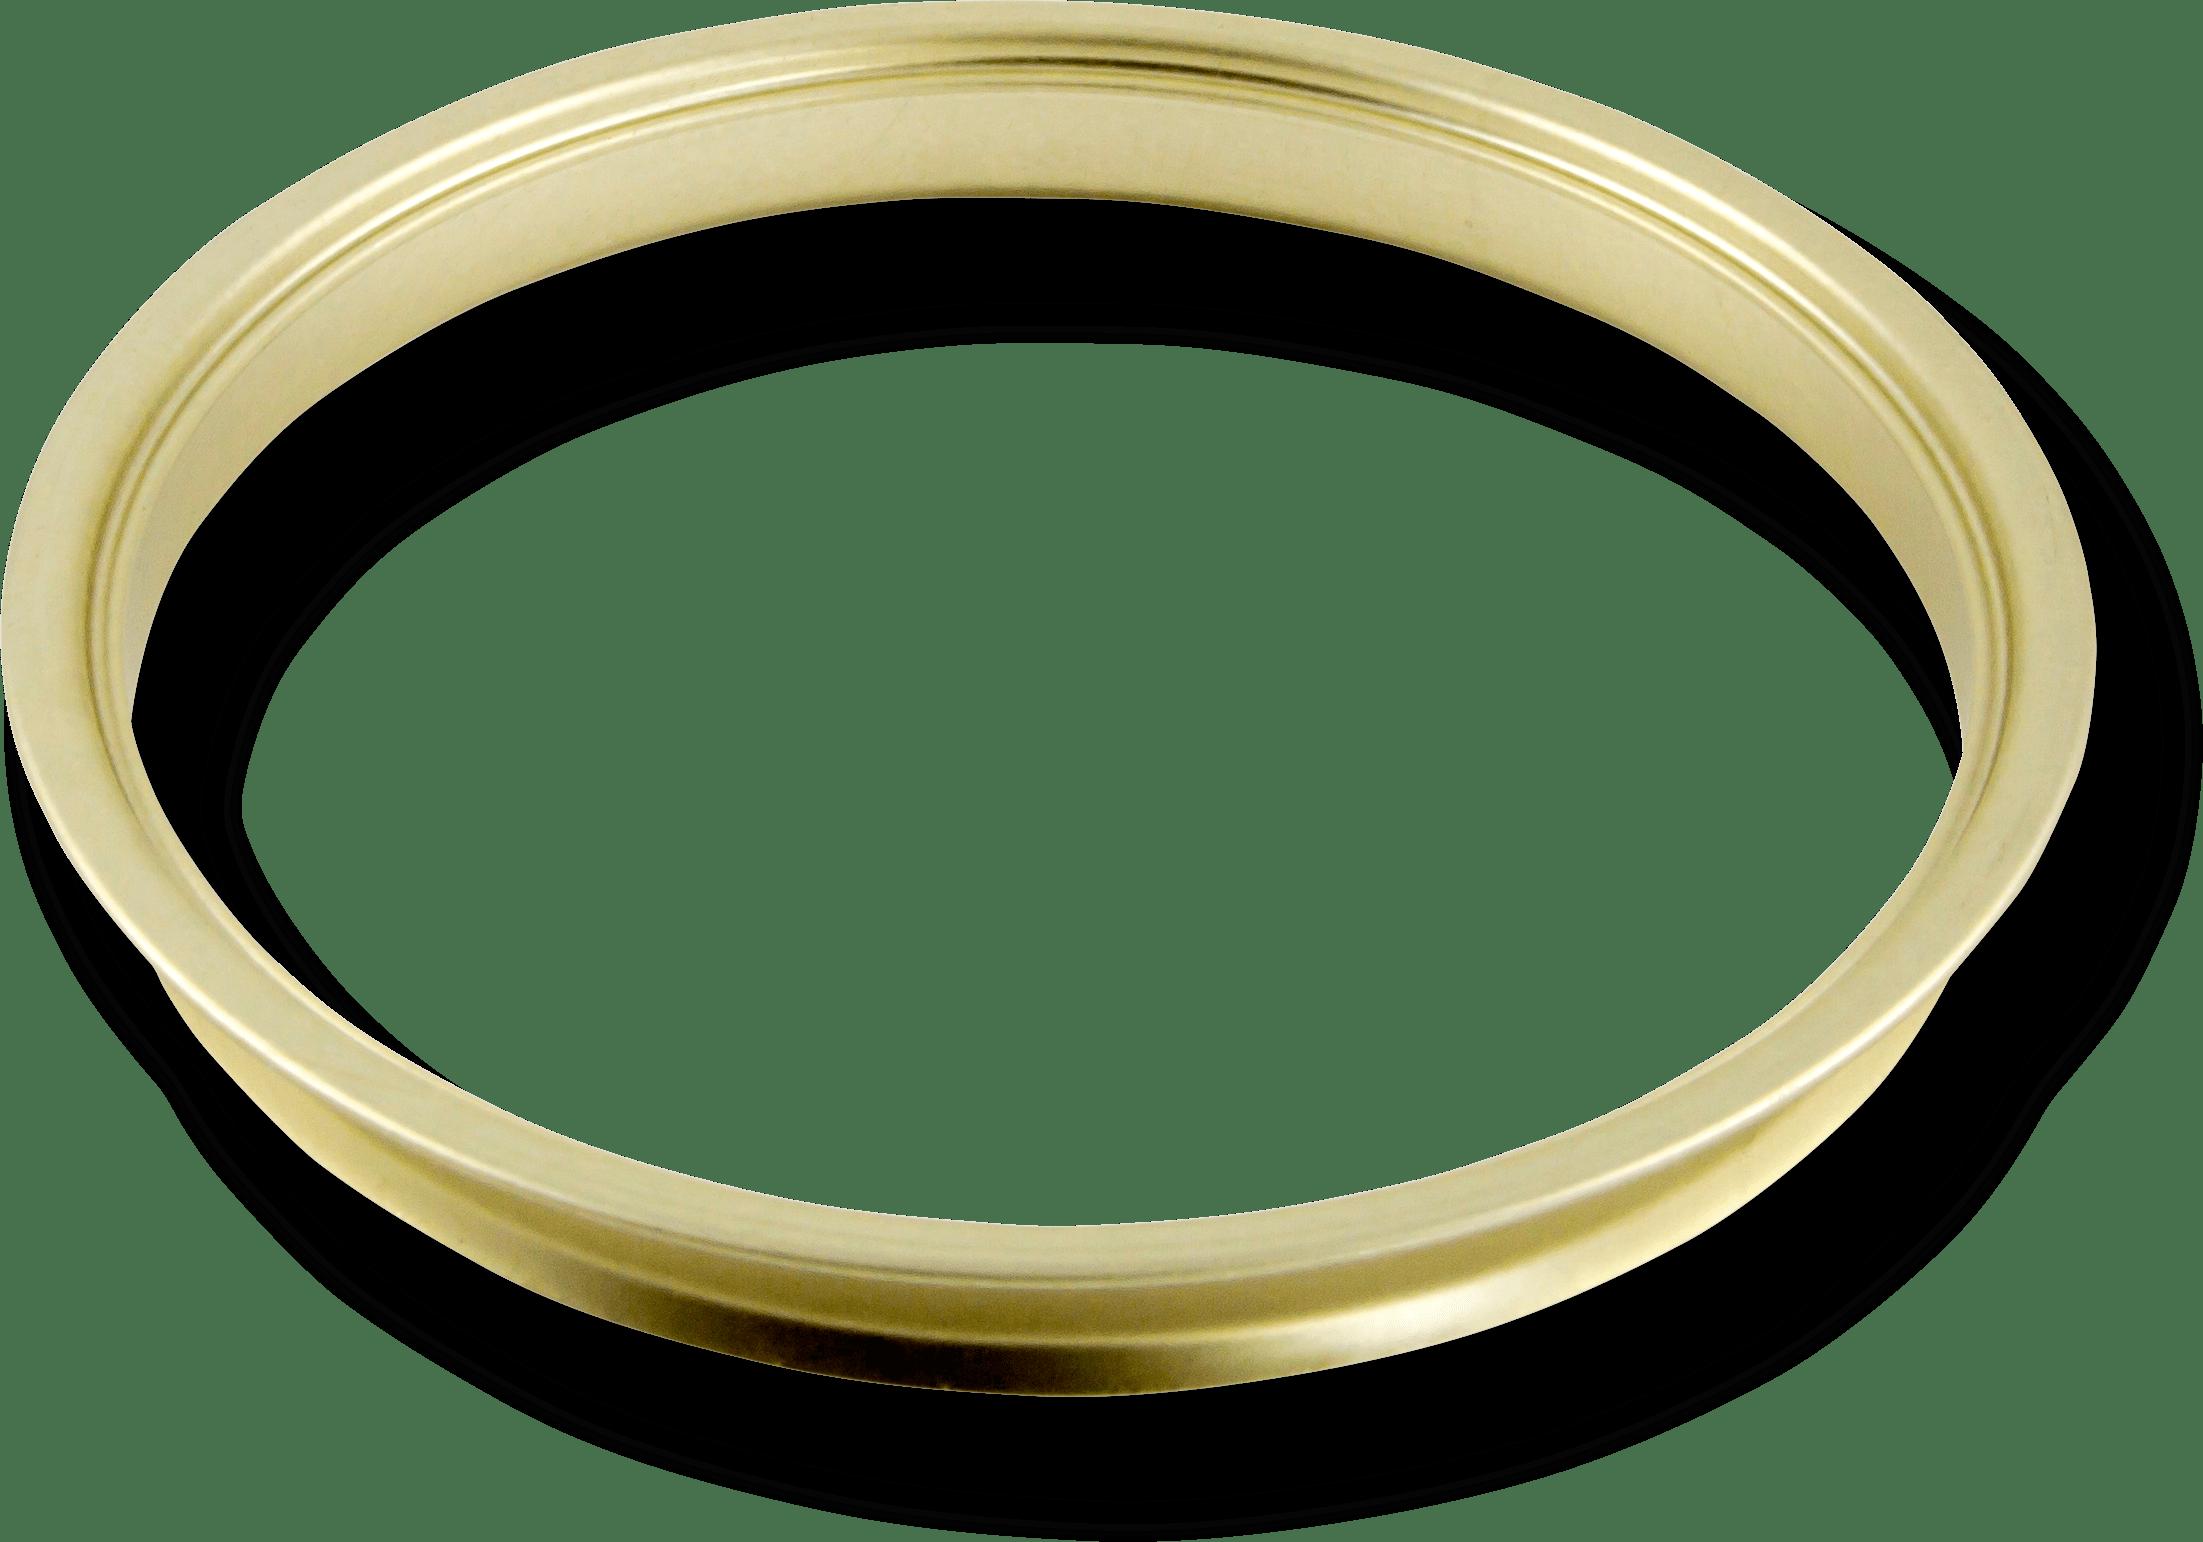 Anello svuotamento totale prodotto da Cavioni Fustitalia